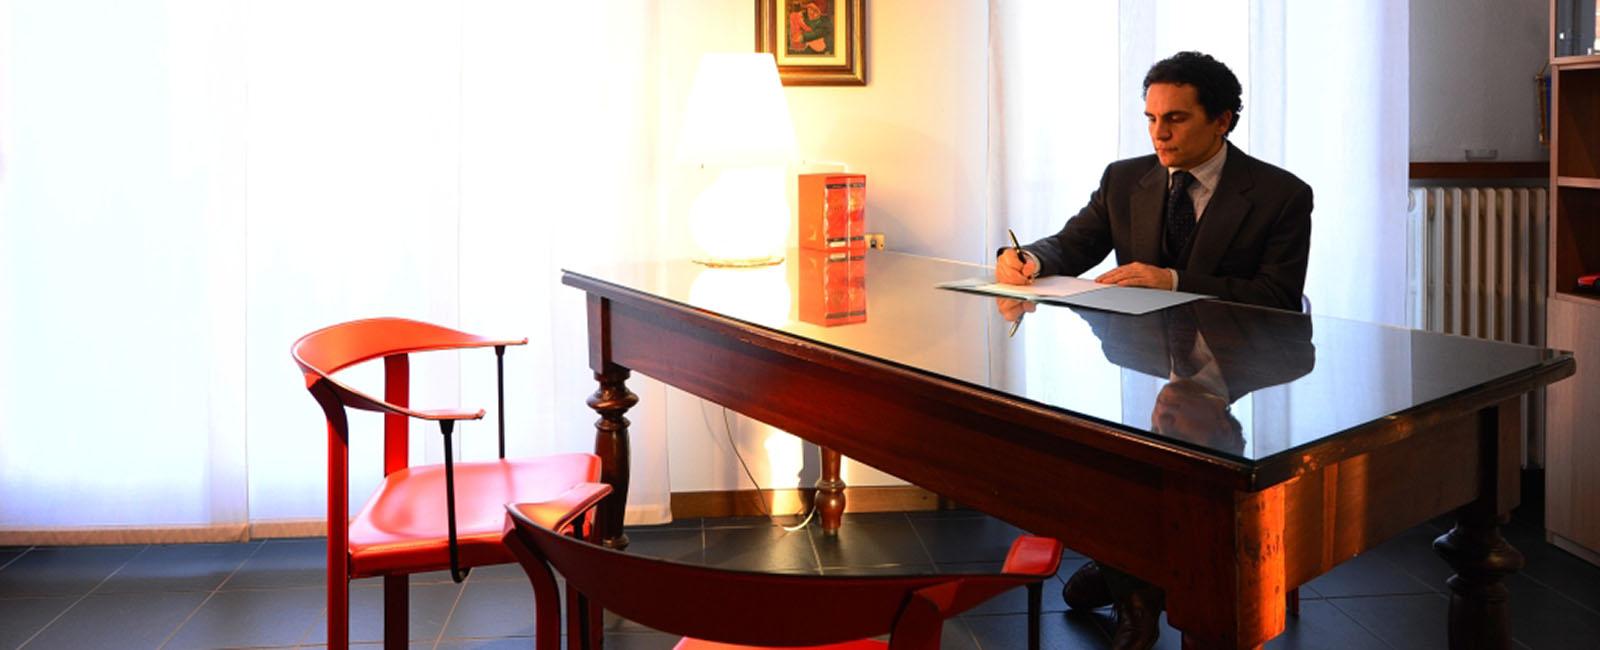 Avvocato del Lavoro Milano - Contattaci per una consulenza